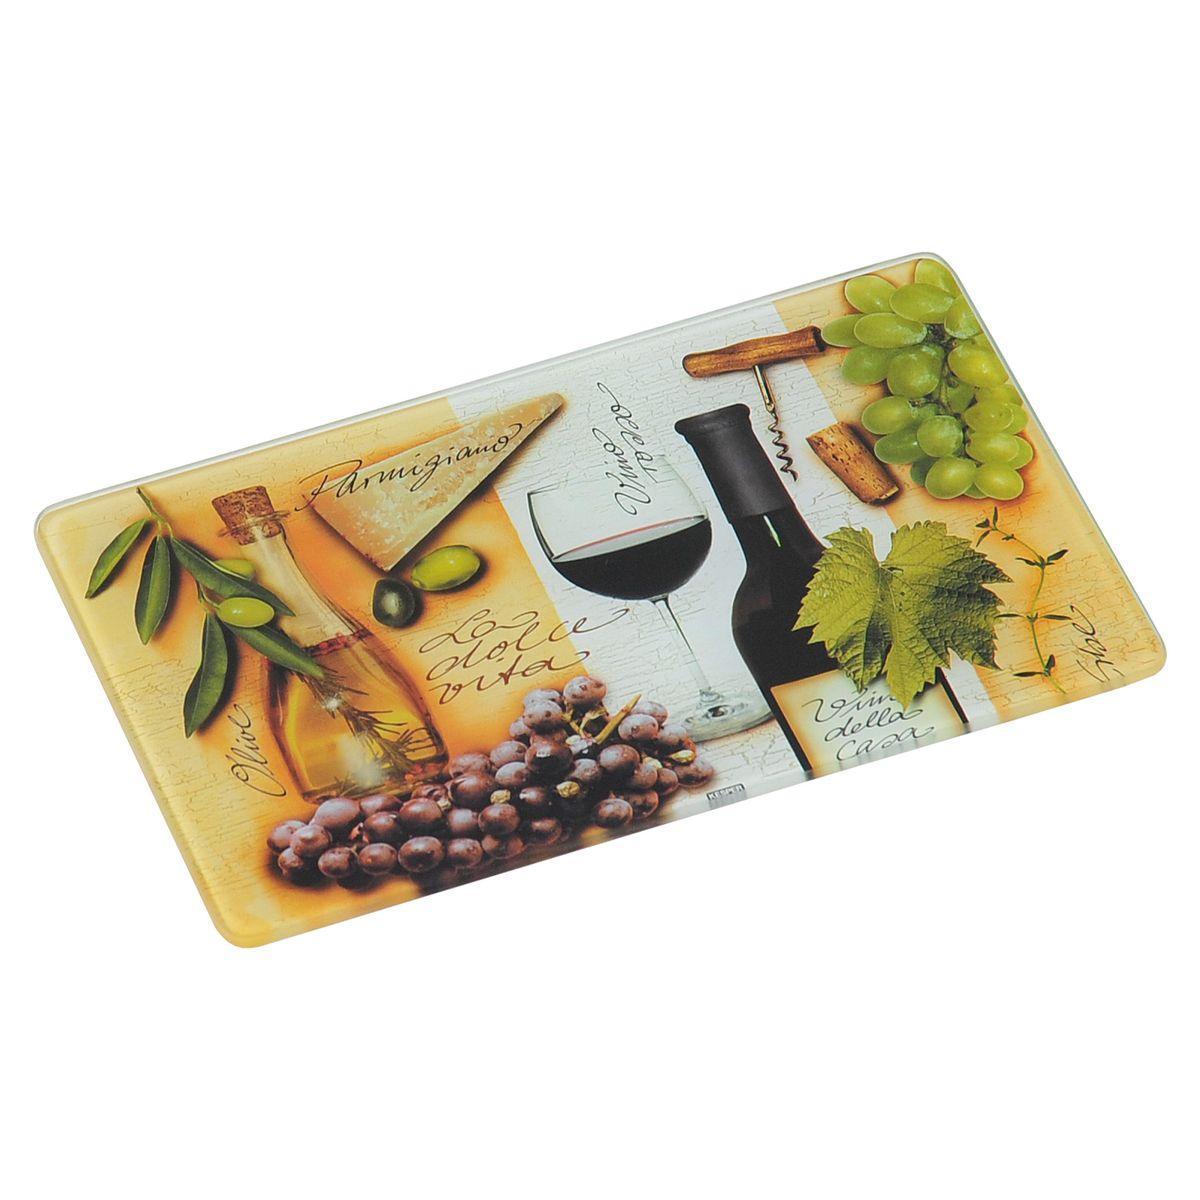 Доска разделочная Kesper Italien, 23,5 х 14,5 смFS-91909Разделочная доска Kesper Italien, изготовленная из гладкого закаленного стекла с ярким рисунком, станет незаменимым атрибутом приготовления пищи. Доска устойчива к повреждениям и не впитывает запахи, идеально подходит для разделки мяса, рыбы, приготовления теста и для нарезки любых продуктов. Доску можно использовать как подставку под горячее, так как она выдерживает температуру до 280°C. Силиконовые ножки, расположенные на основании, не позволят разделочной доске скользить по столу.